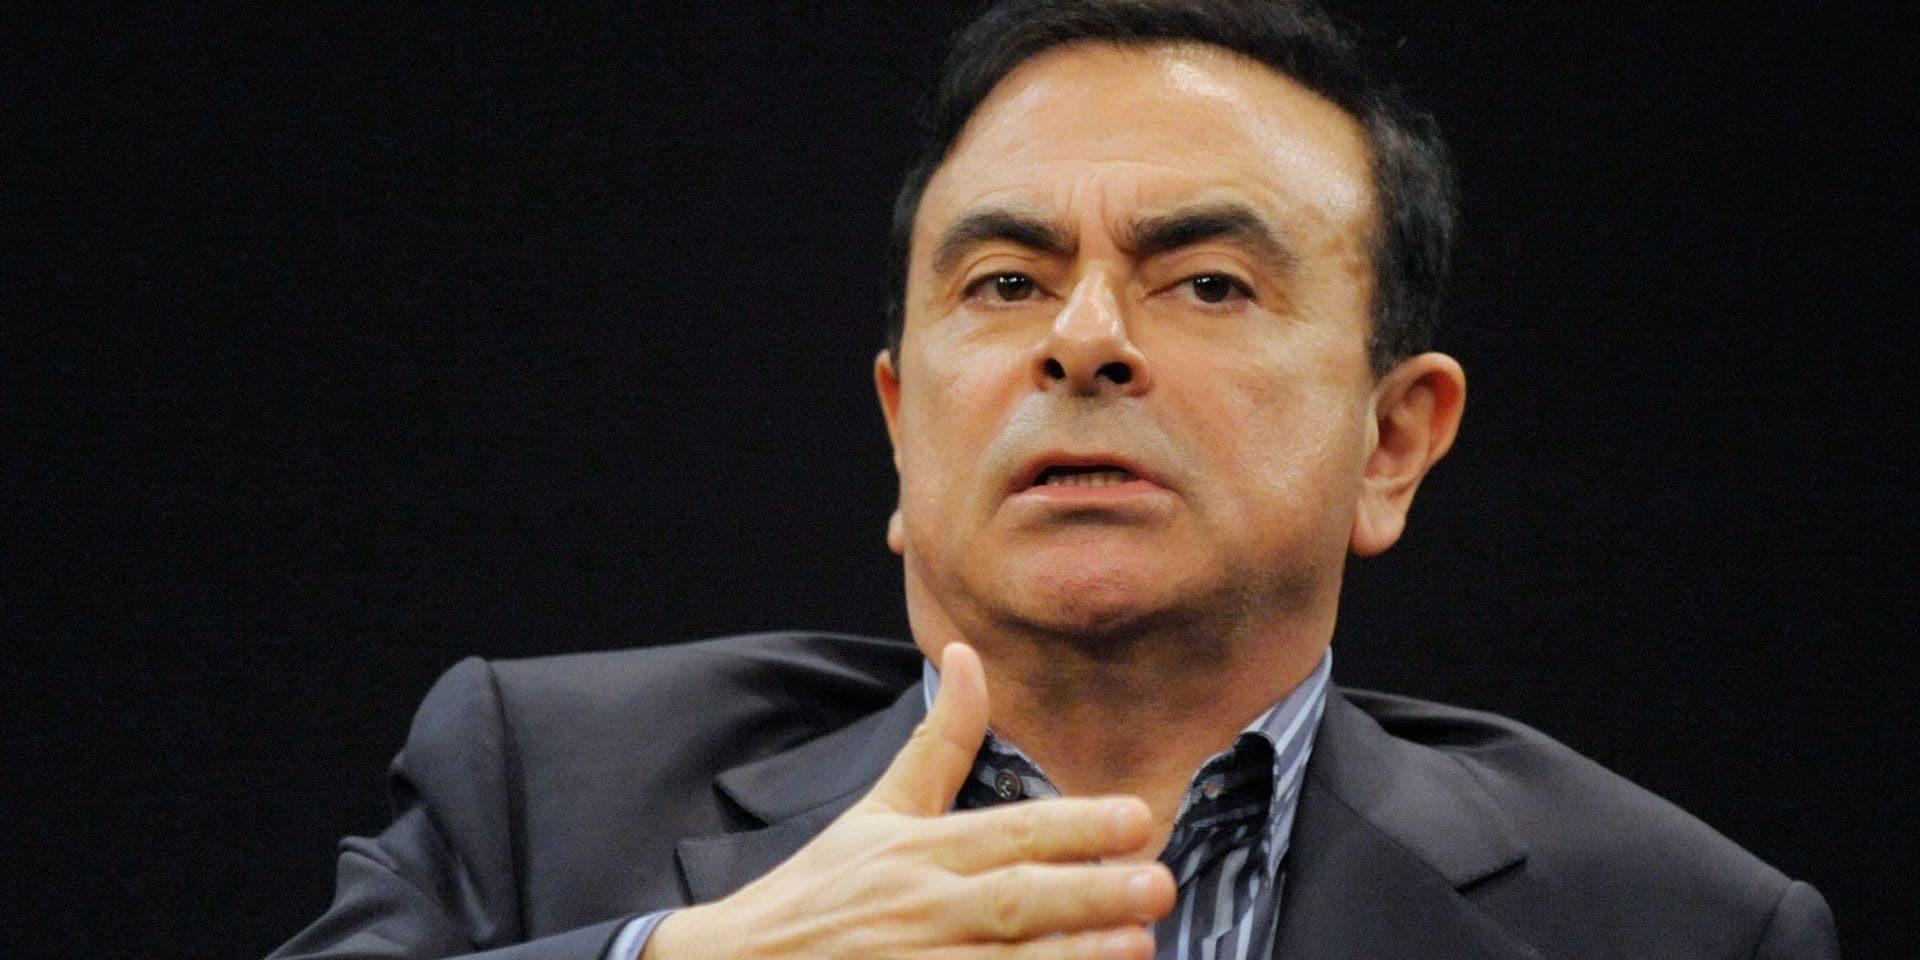 Deux complices de la fuite de Ghosn condamnés à 24 et 20 mois de prison au Japon